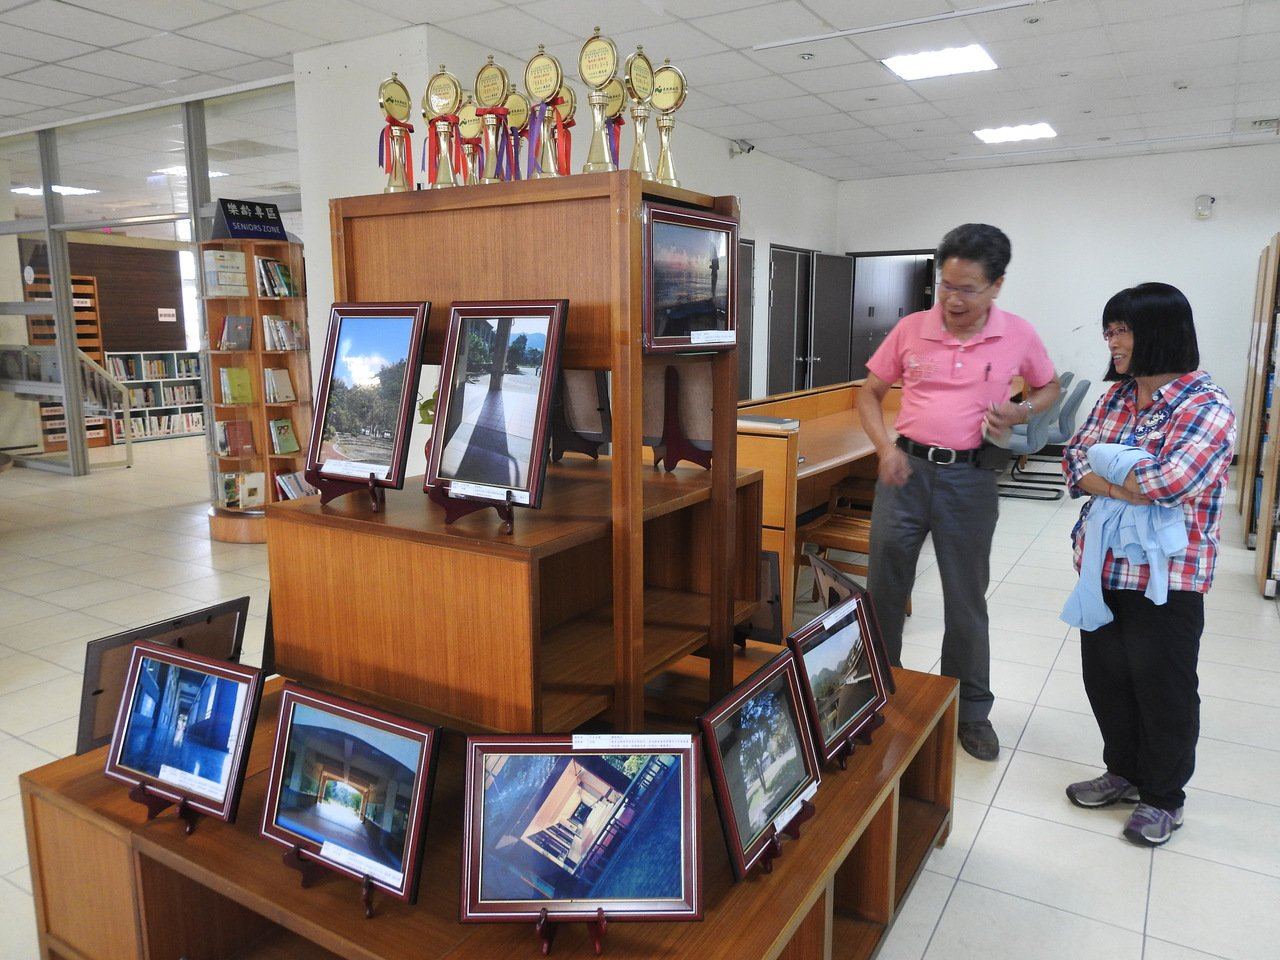 北梅國中全校學生都能用鏡頭拍出好照片,今起受邀至國姓圖書館策展,吸引民眾參觀。 ...